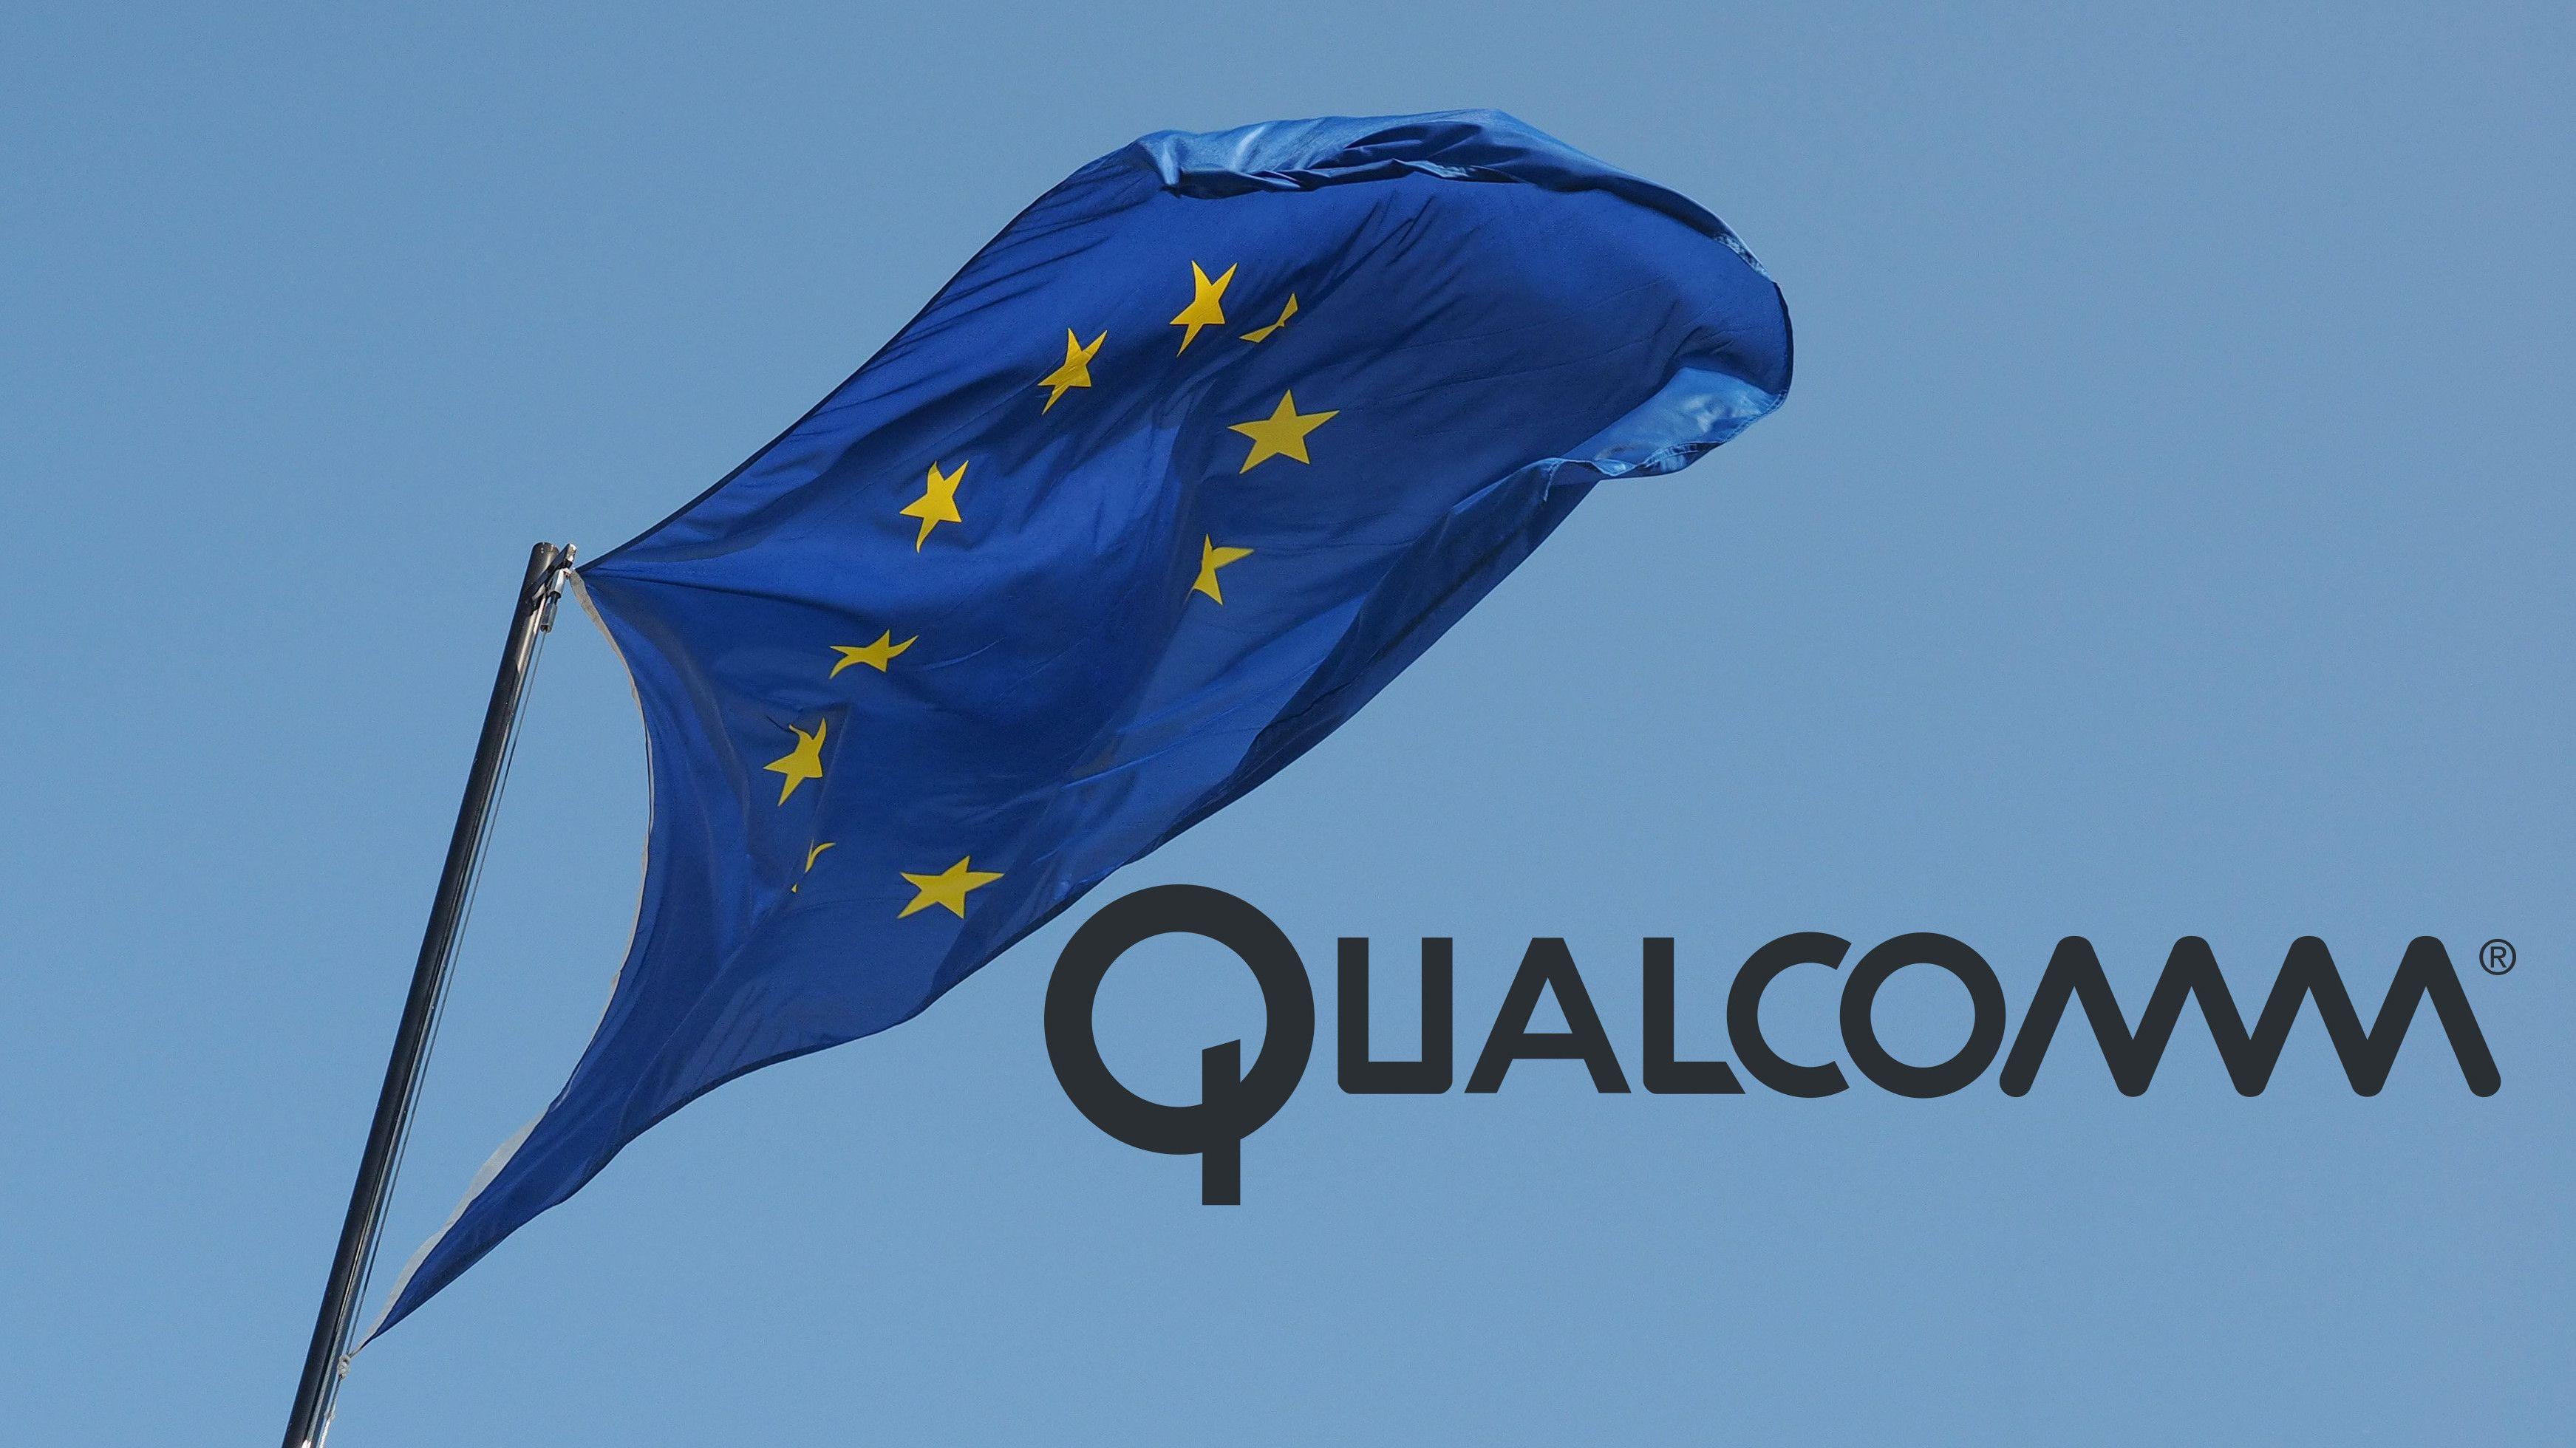 EU gir Qualcomm en bot på nesten 10 milliarder kroner for ulovlig samarbeid med Apple